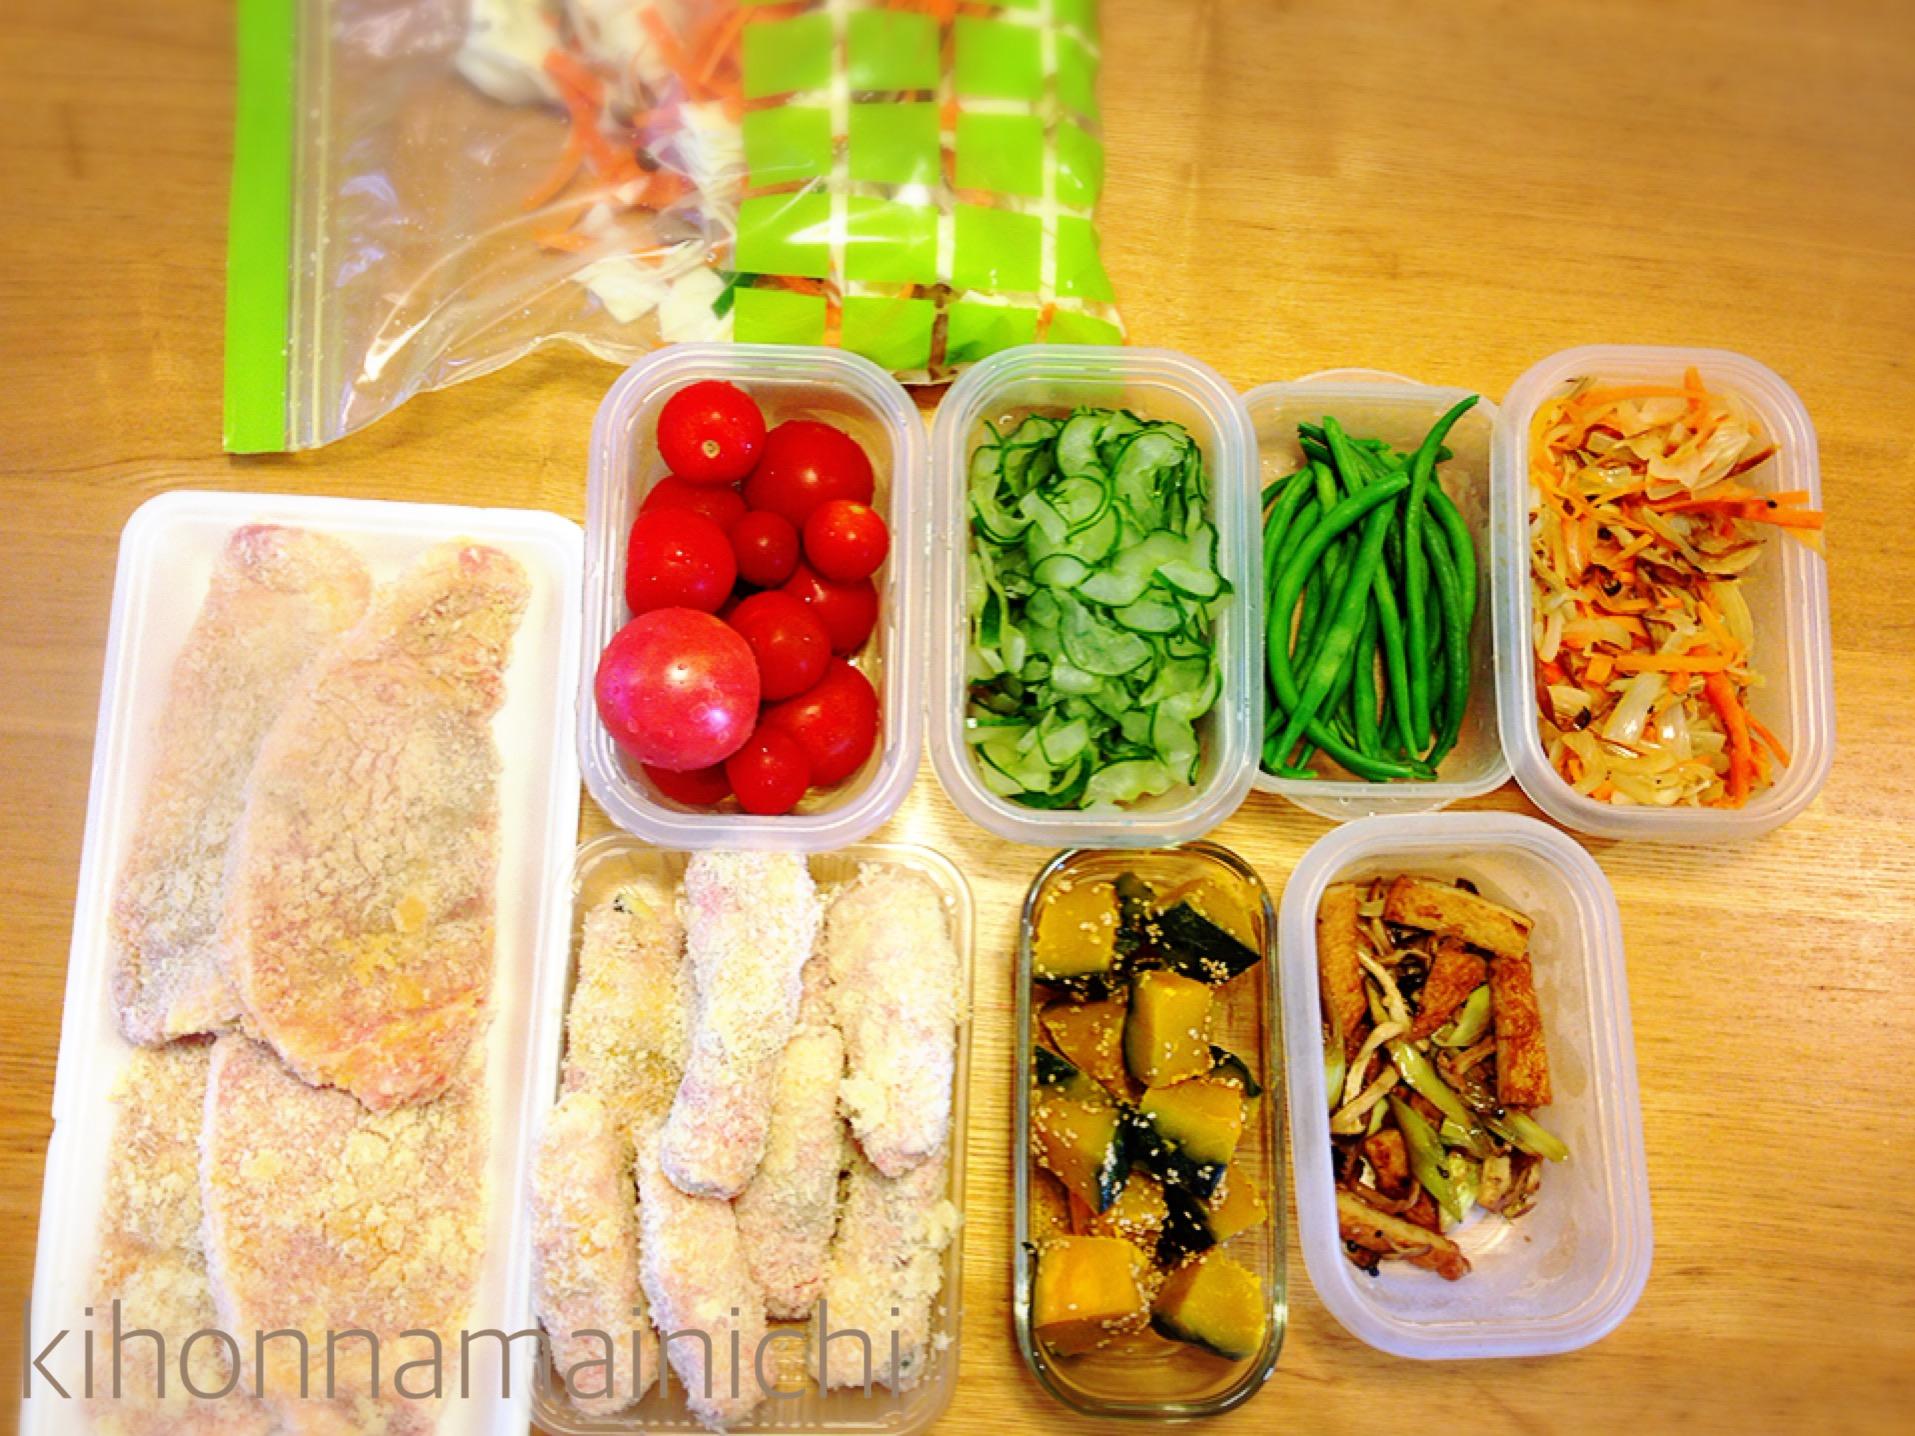 常備菜をつくるメリットは、毎日の献立を考える時間を減らすことである。